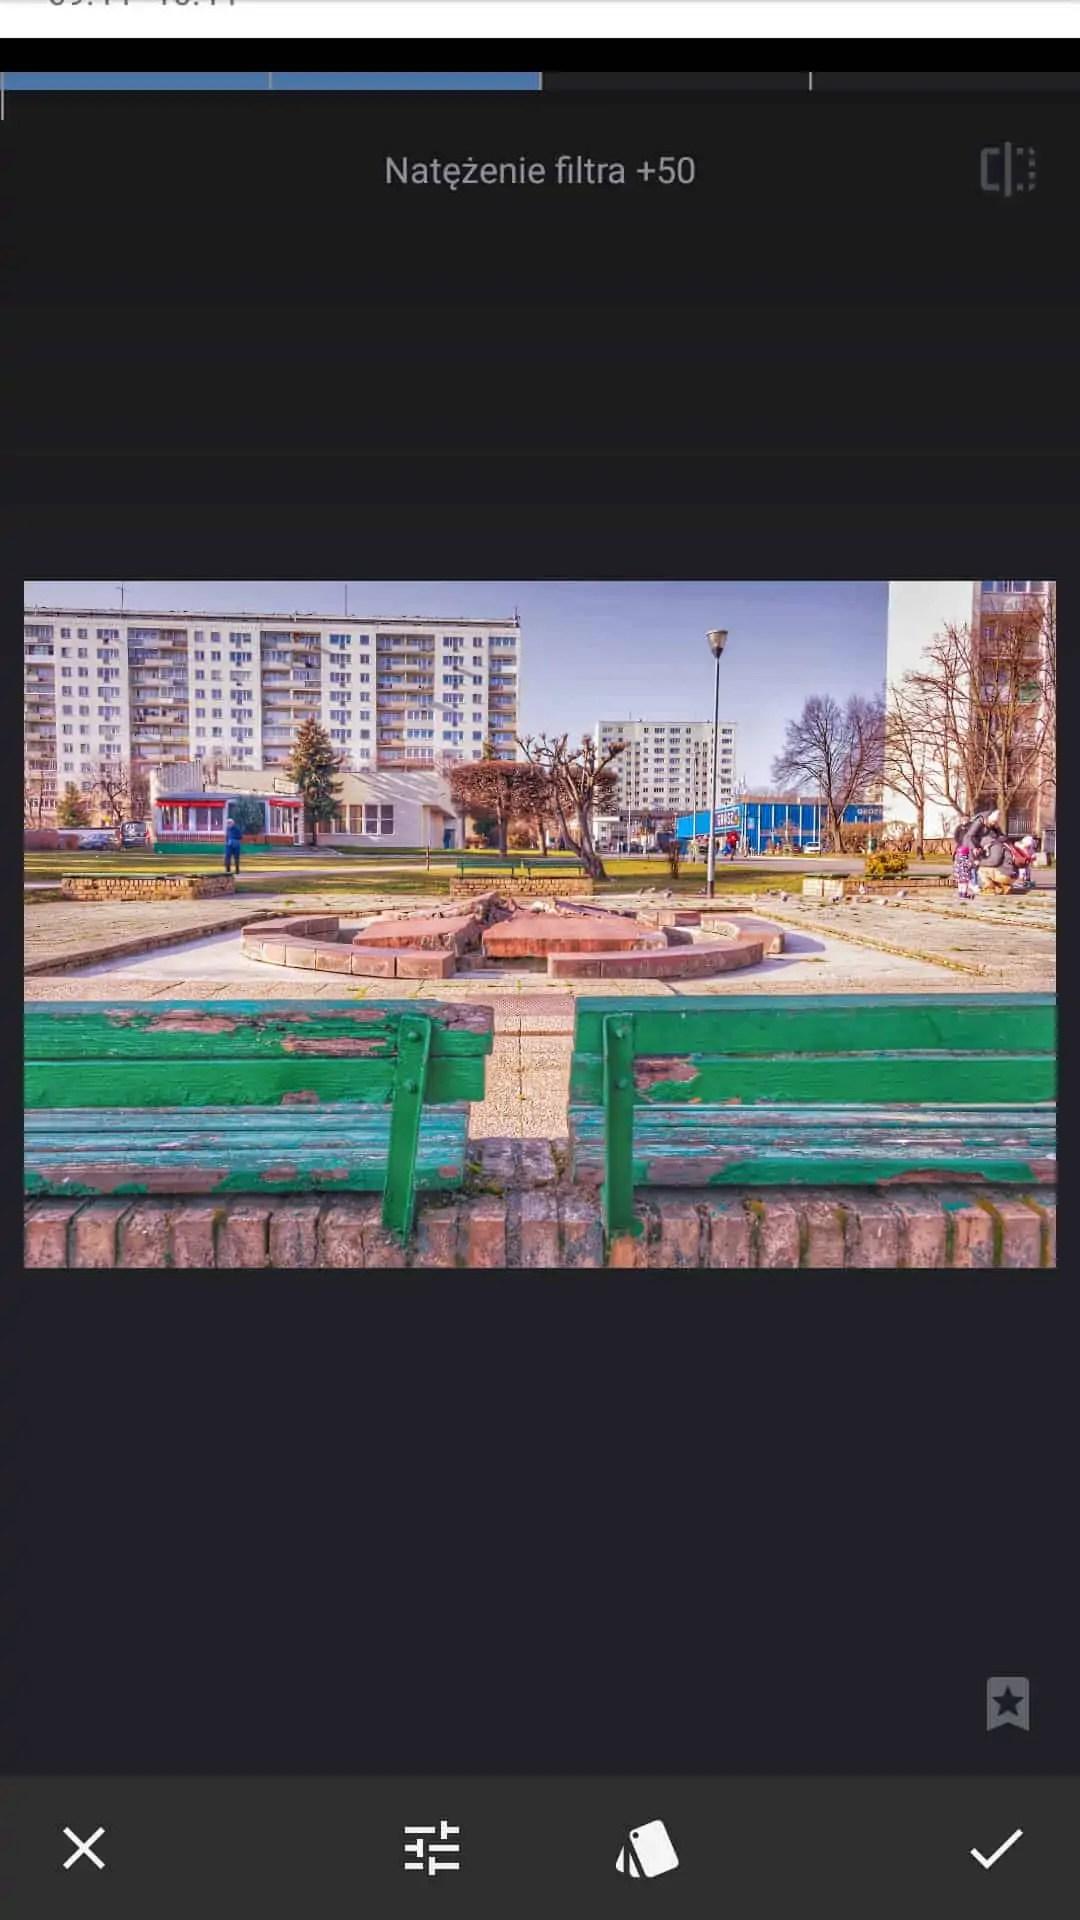 snapseed apka do zdjęć filtr HDR wartość 50 - Snapseed apka do zdjęć dla każdego